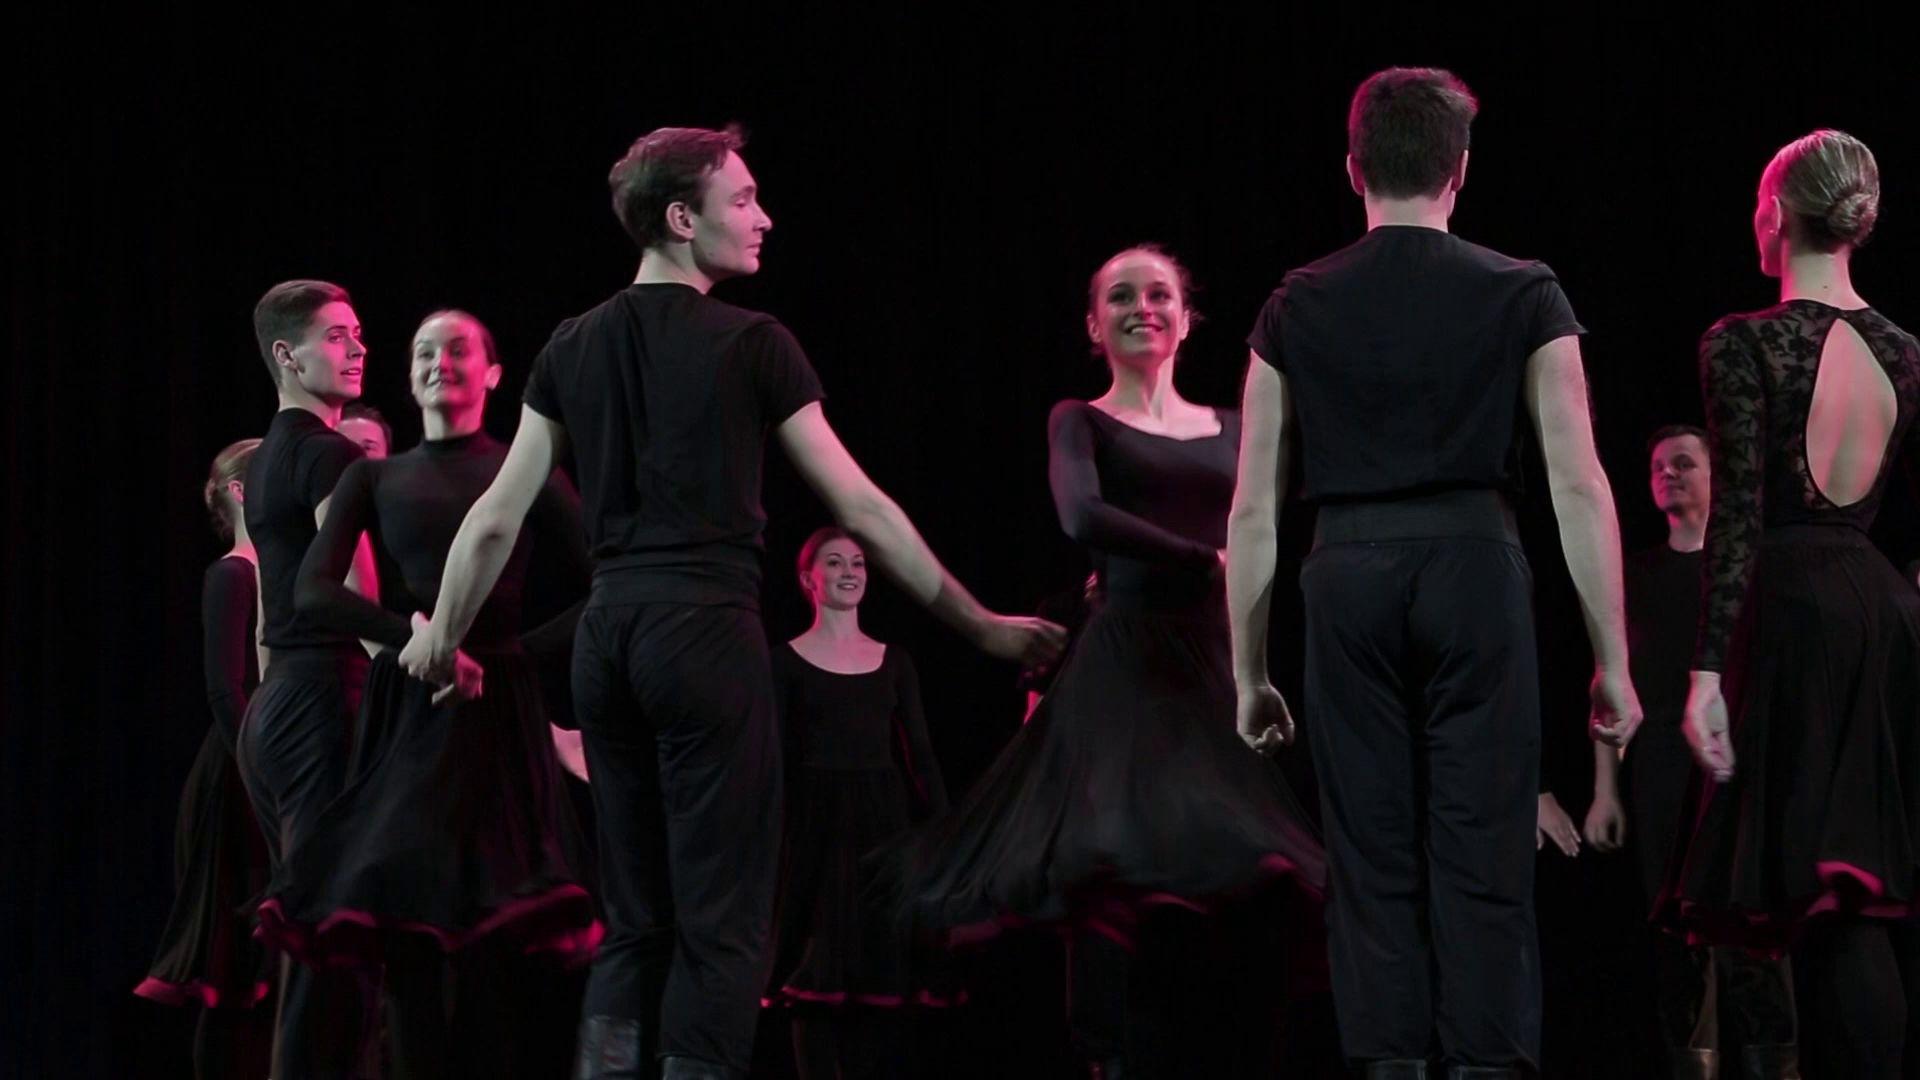 Ярославский народный театр балет вошел в число лучших